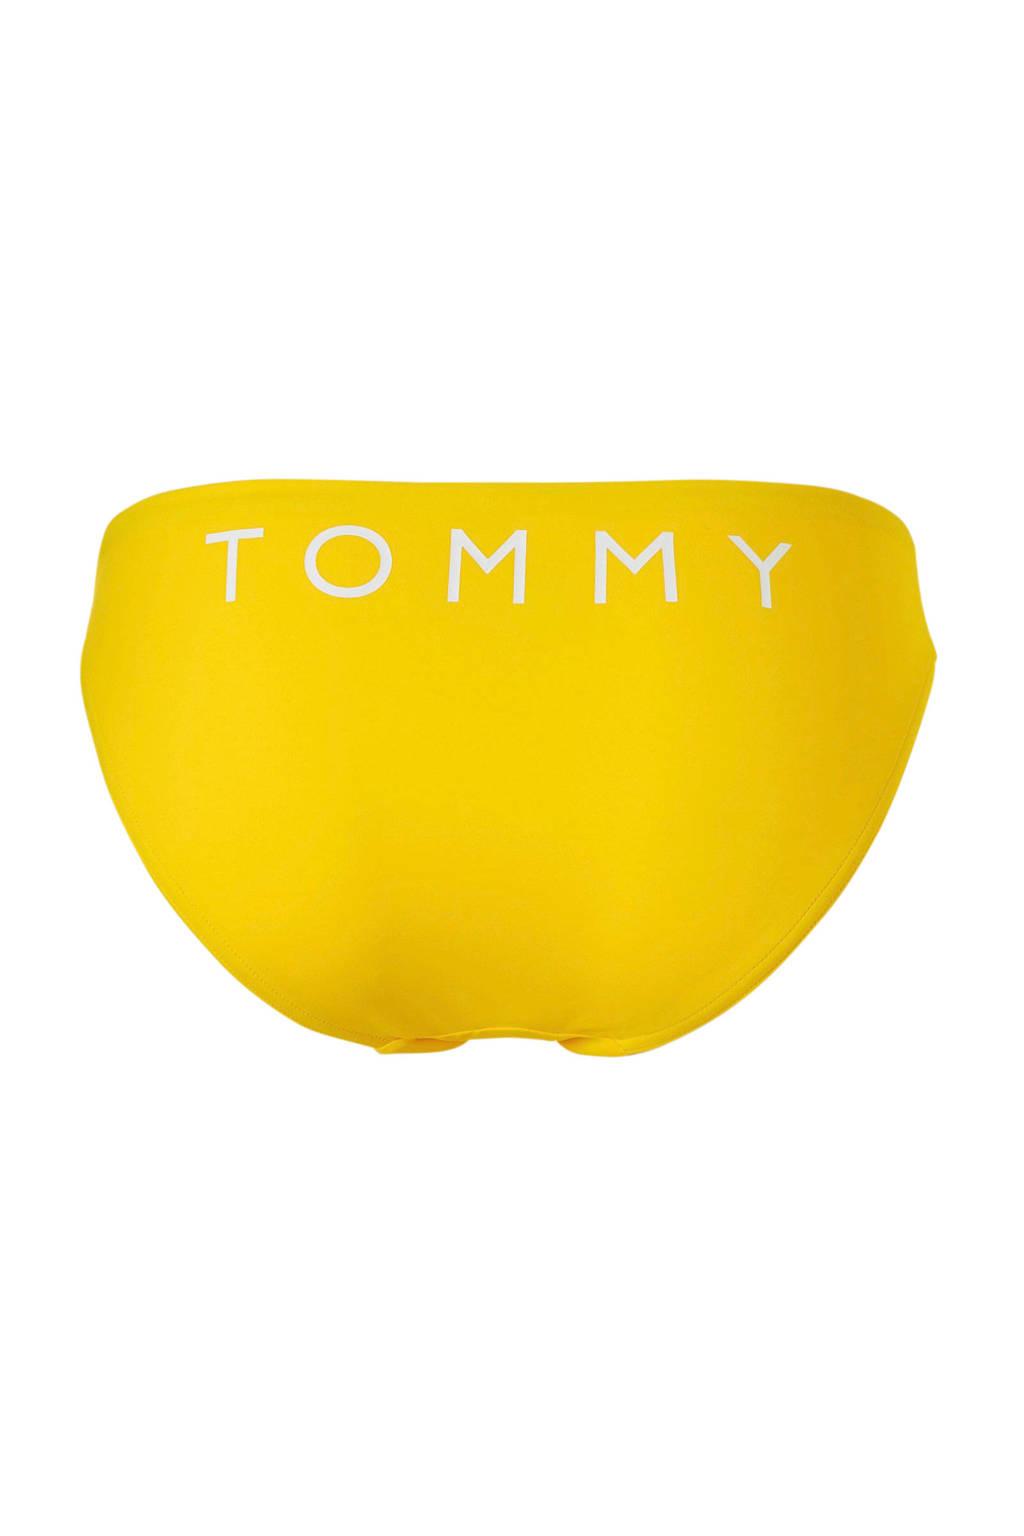 Hilfigerbikini Broekje Tommy Gevoerd Broekje Gevoerd Tommy Geel Tommy Gevoerd Hilfigerbikini Broekje Hilfigerbikini Geel qXwzHYw